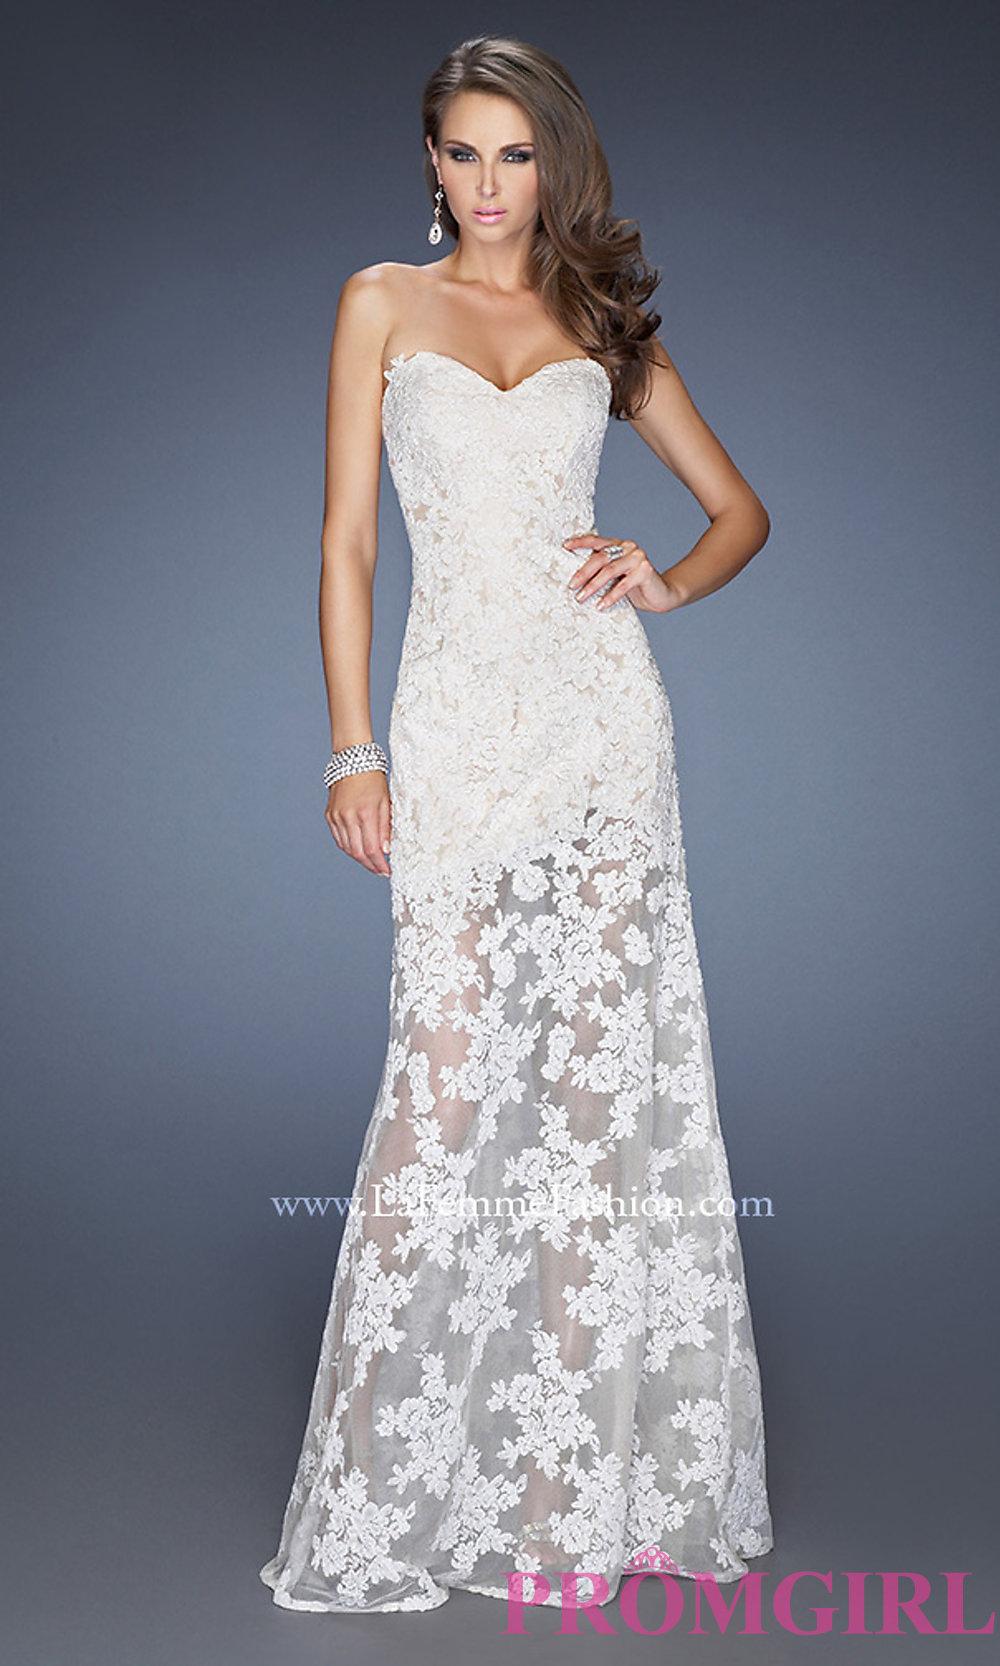 La femme long lace strapless dress